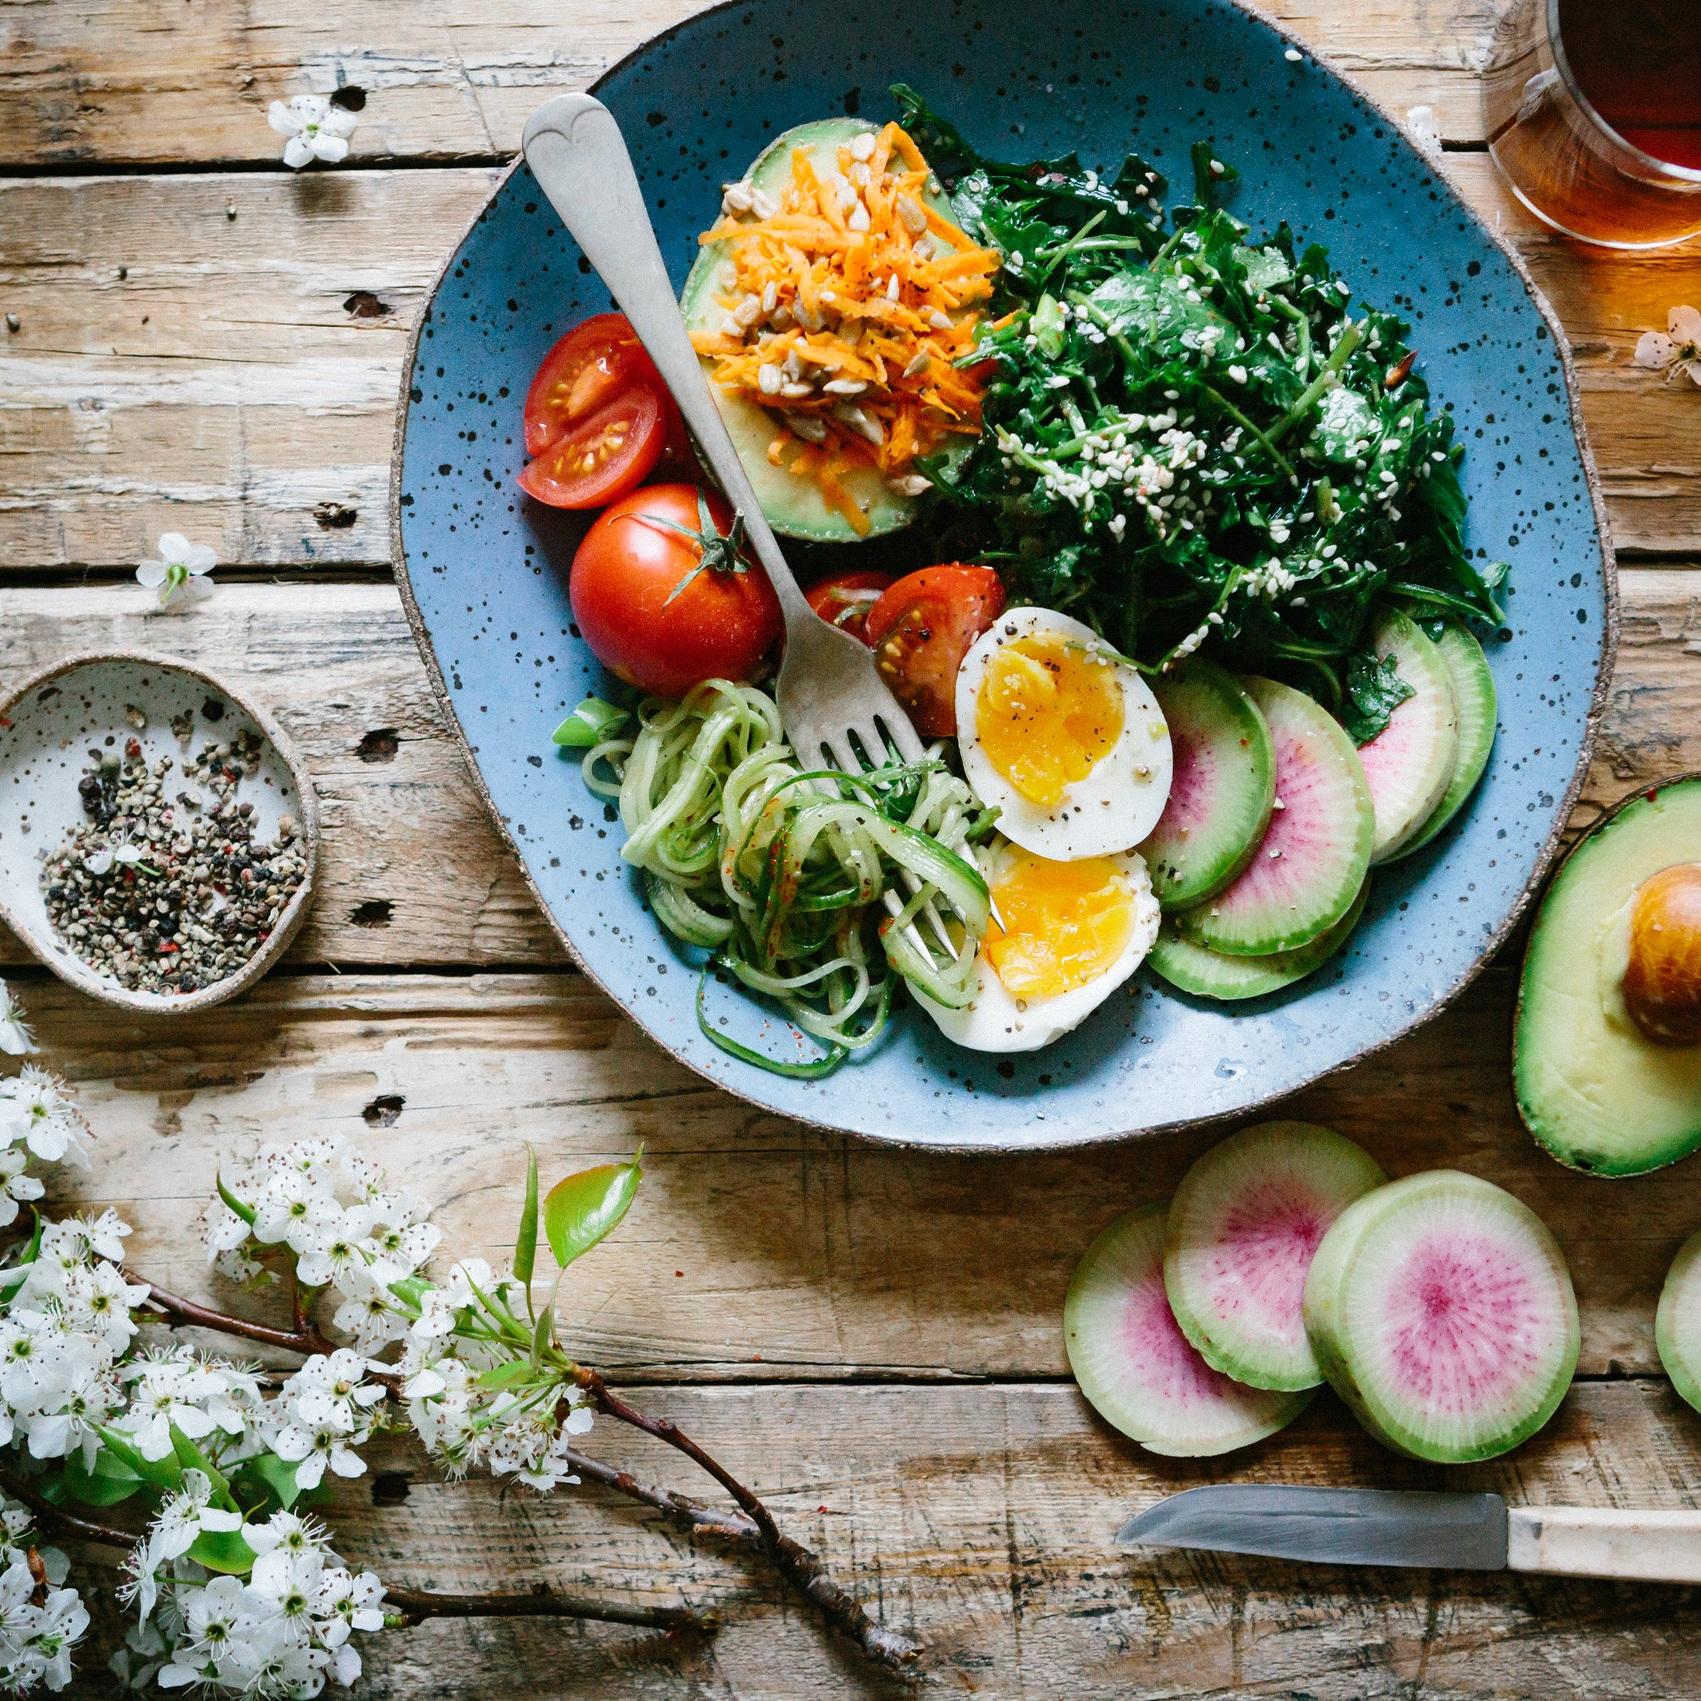 Nutritious+meal.jpg